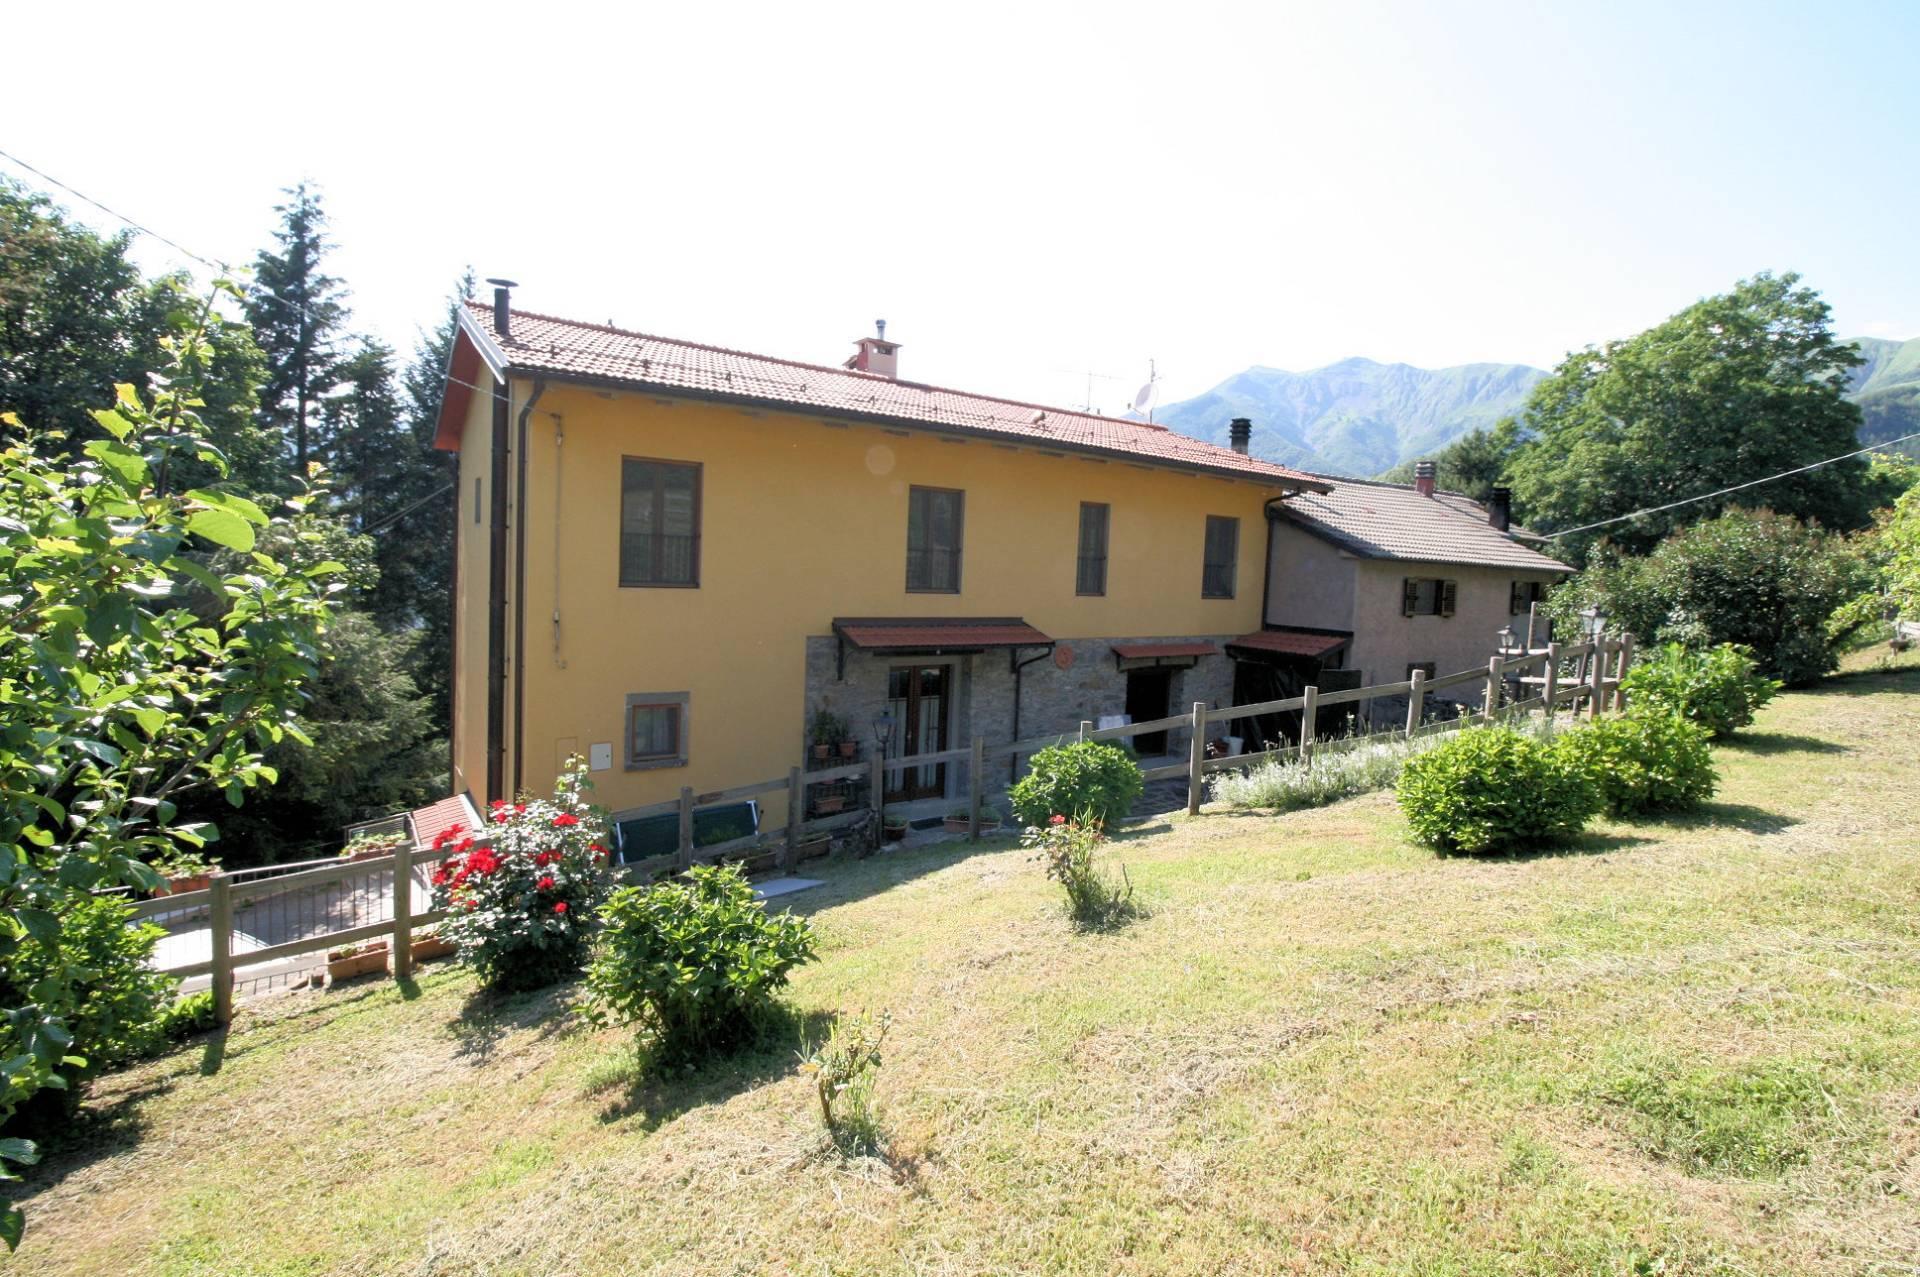 Appartamento in vendita a Cutigliano, 7 locali, zona Zona: Melo, prezzo € 170.000 | CambioCasa.it